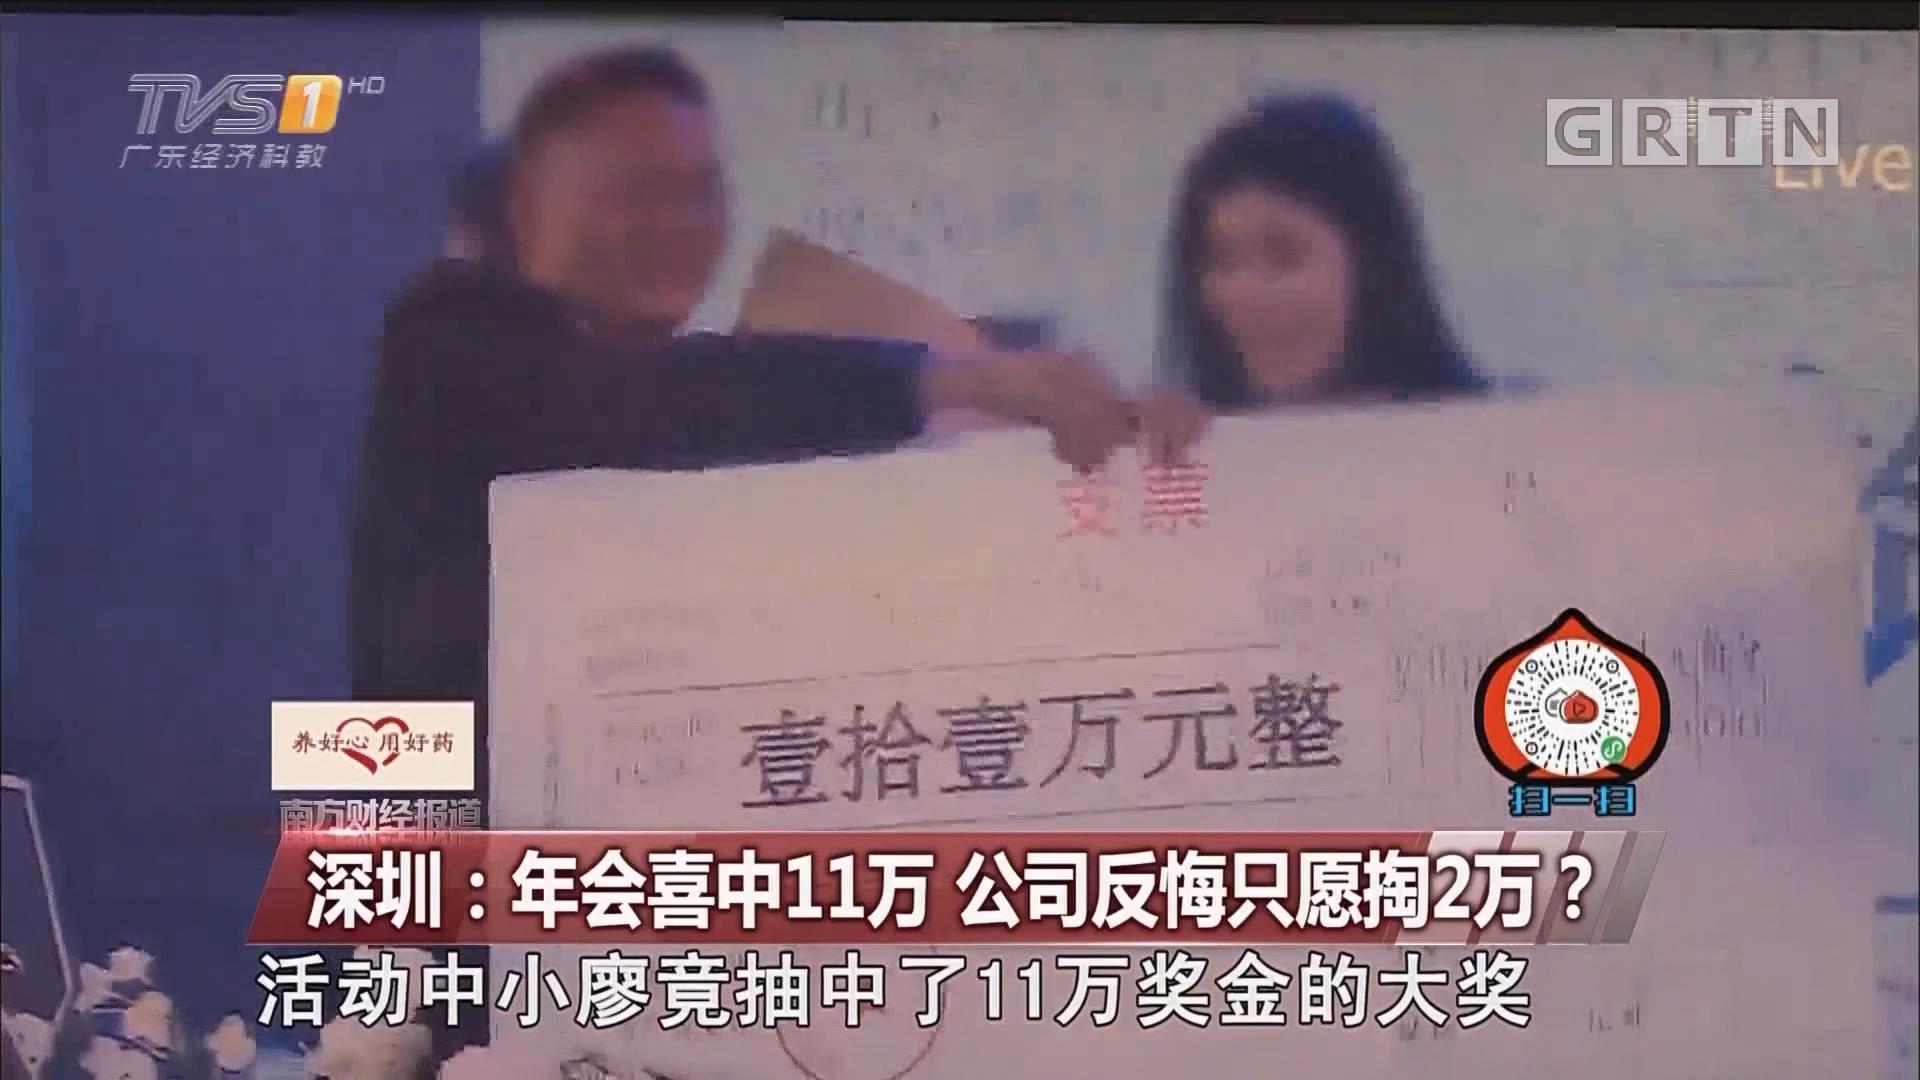 深圳:年会喜中11万 公司反悔只愿掏2万?